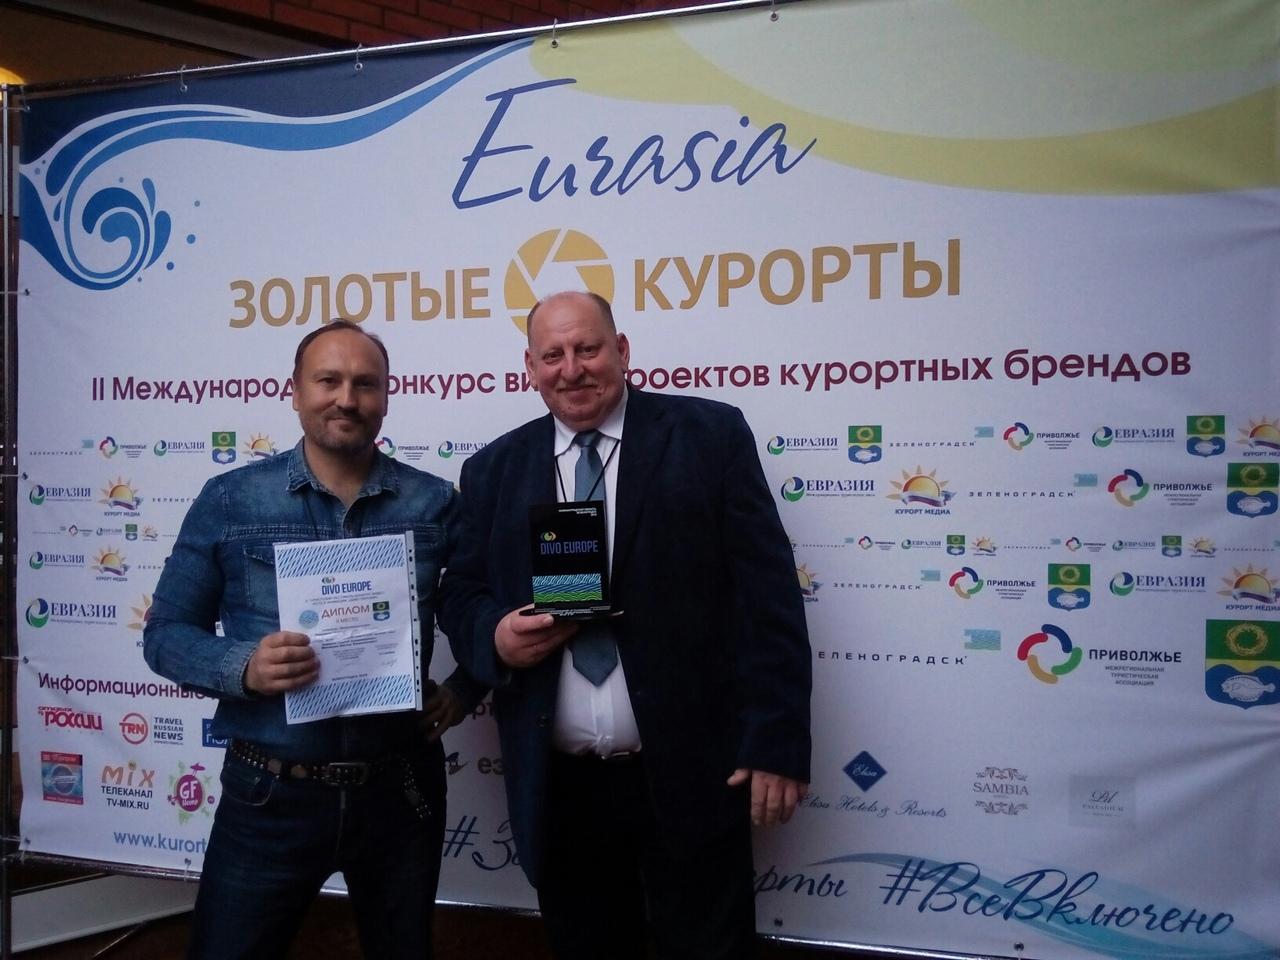 Фильм вологодского режиссера стал лучшим на международном конкурсе